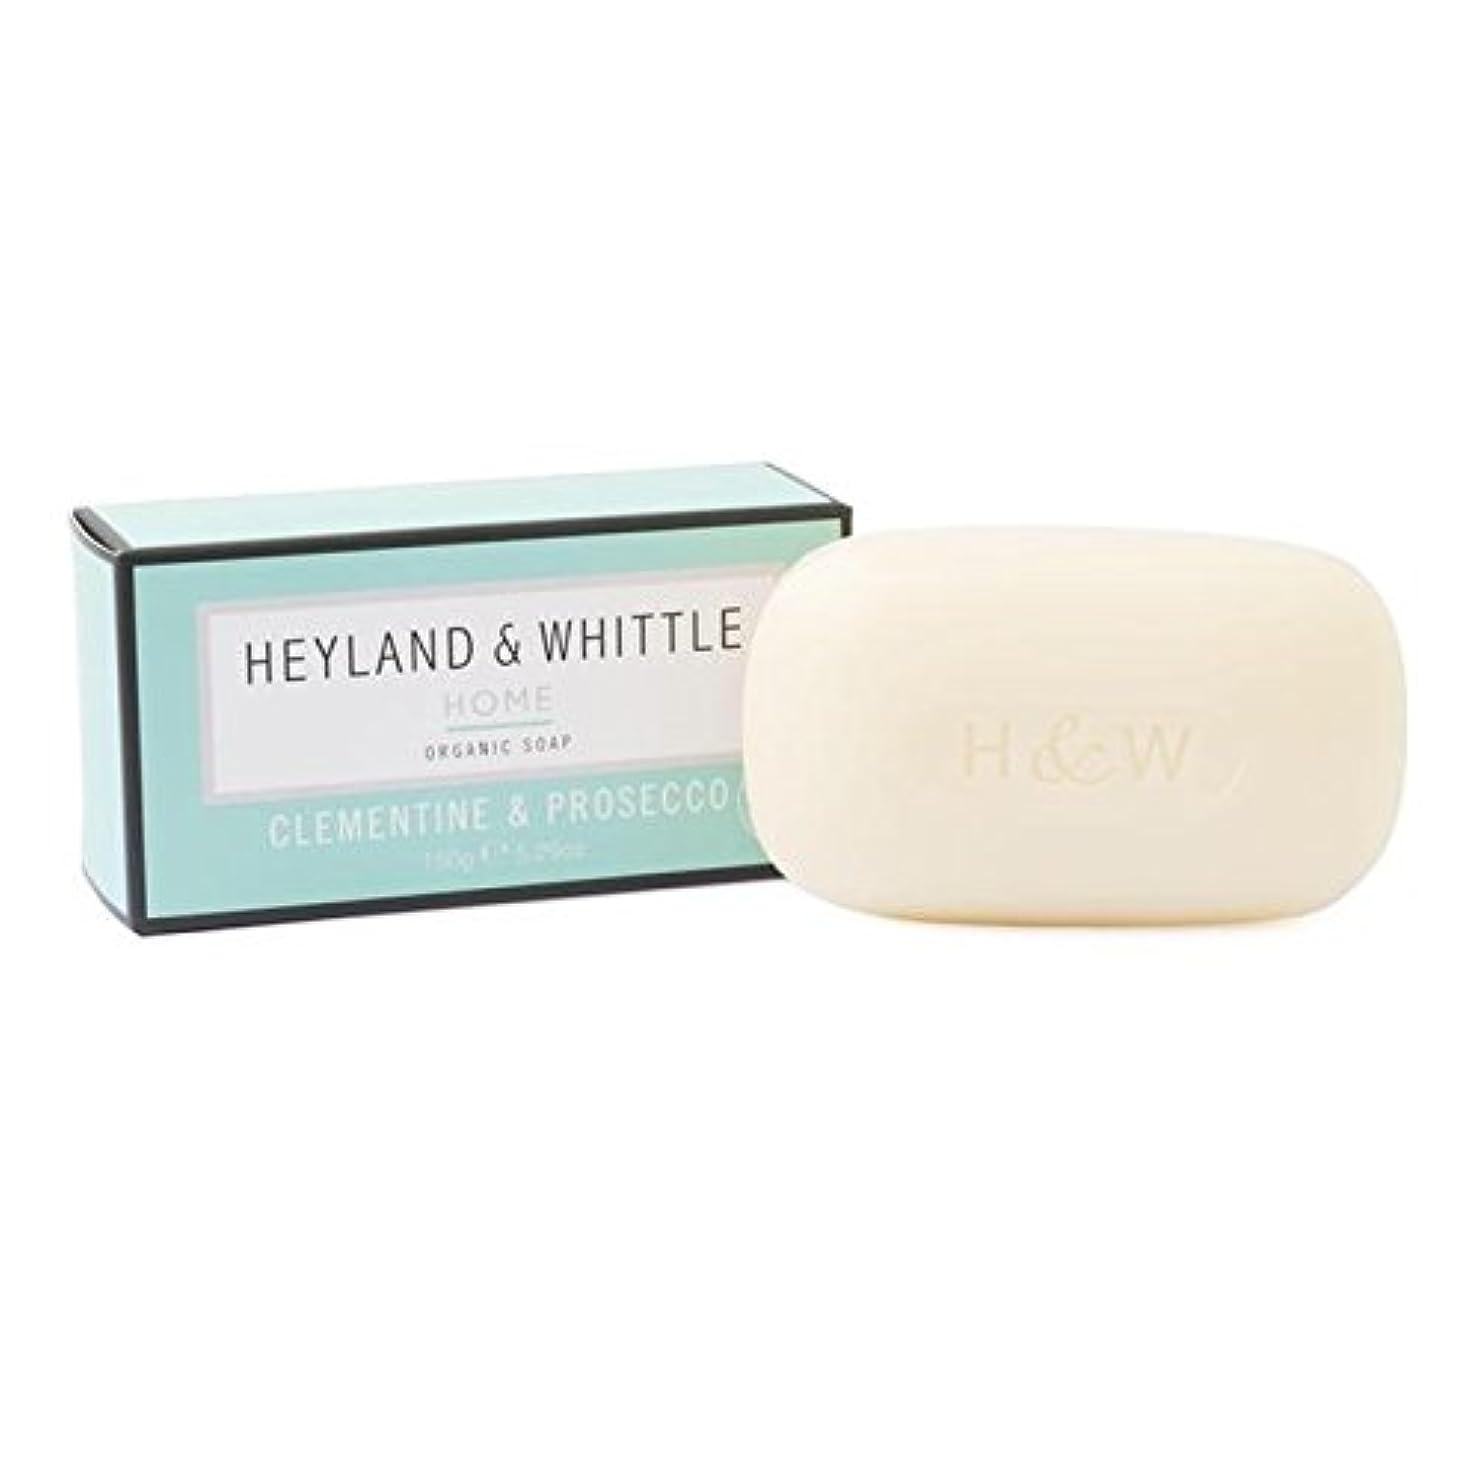 出くわす旅行アドバンテージHeyland & Whittle Home Clementine & Prosecco Organic Soap 150g - &削るホームクレメンタイン&プロセッコ有機石鹸150グラム [並行輸入品]